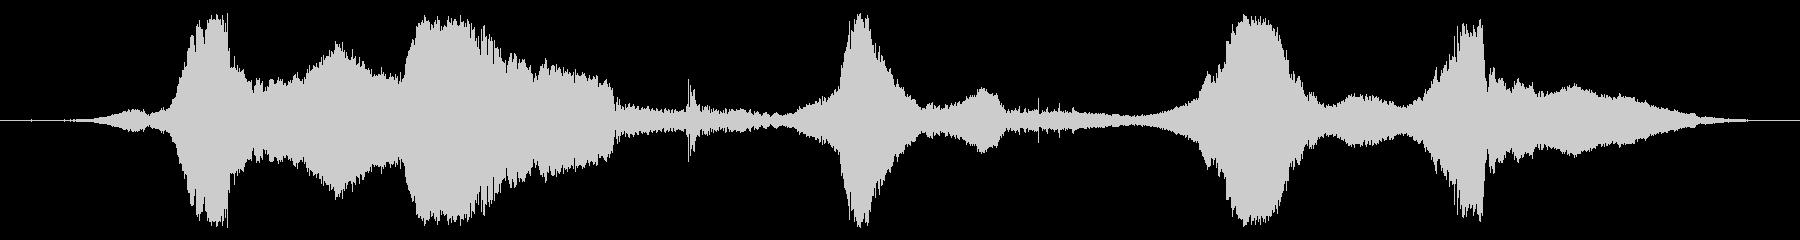 スーパースポーツ:高速で5つの近接パスの未再生の波形